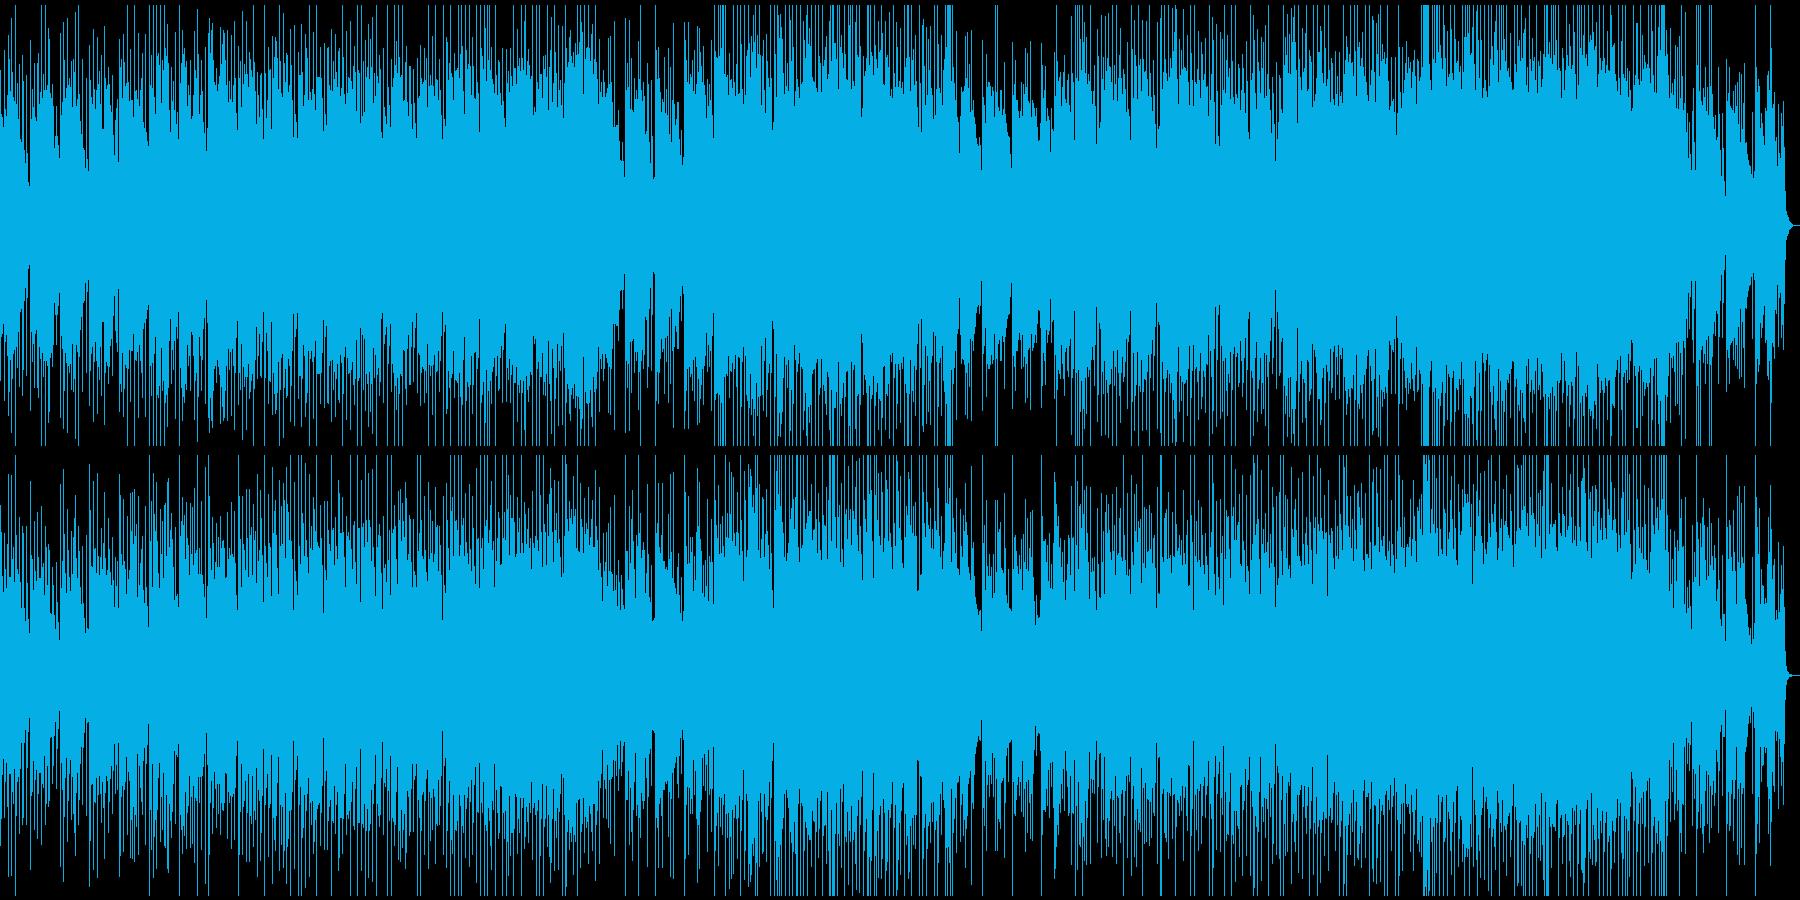 アコギメインの明るい爽やか曲の再生済みの波形